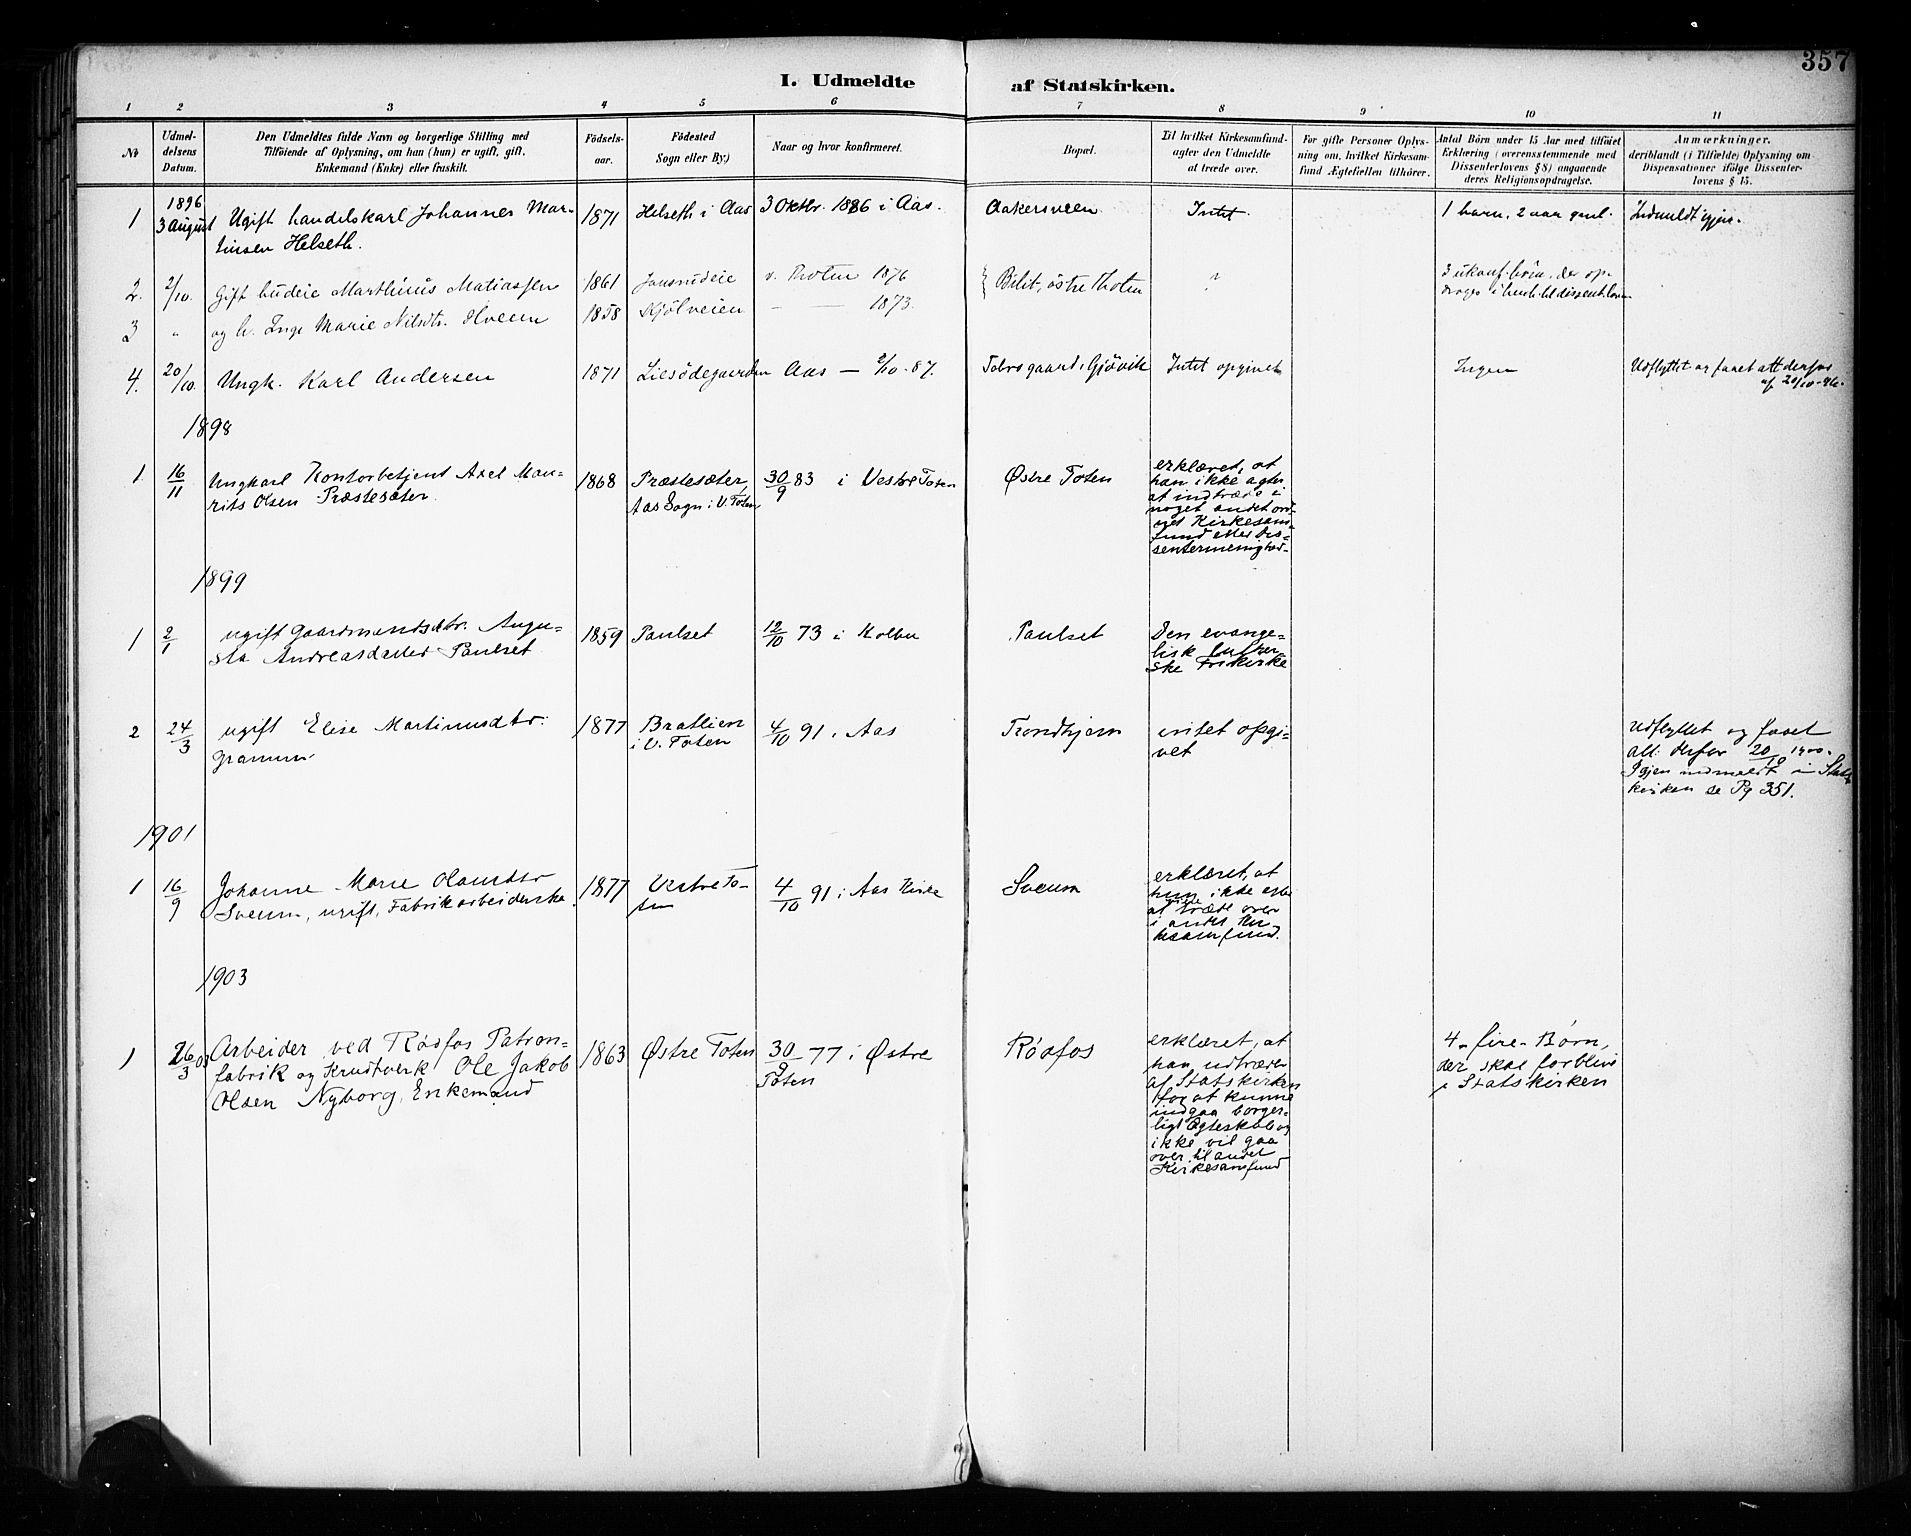 SAH, Vestre Toten prestekontor, Ministerialbok nr. 11, 1895-1906, s. 357